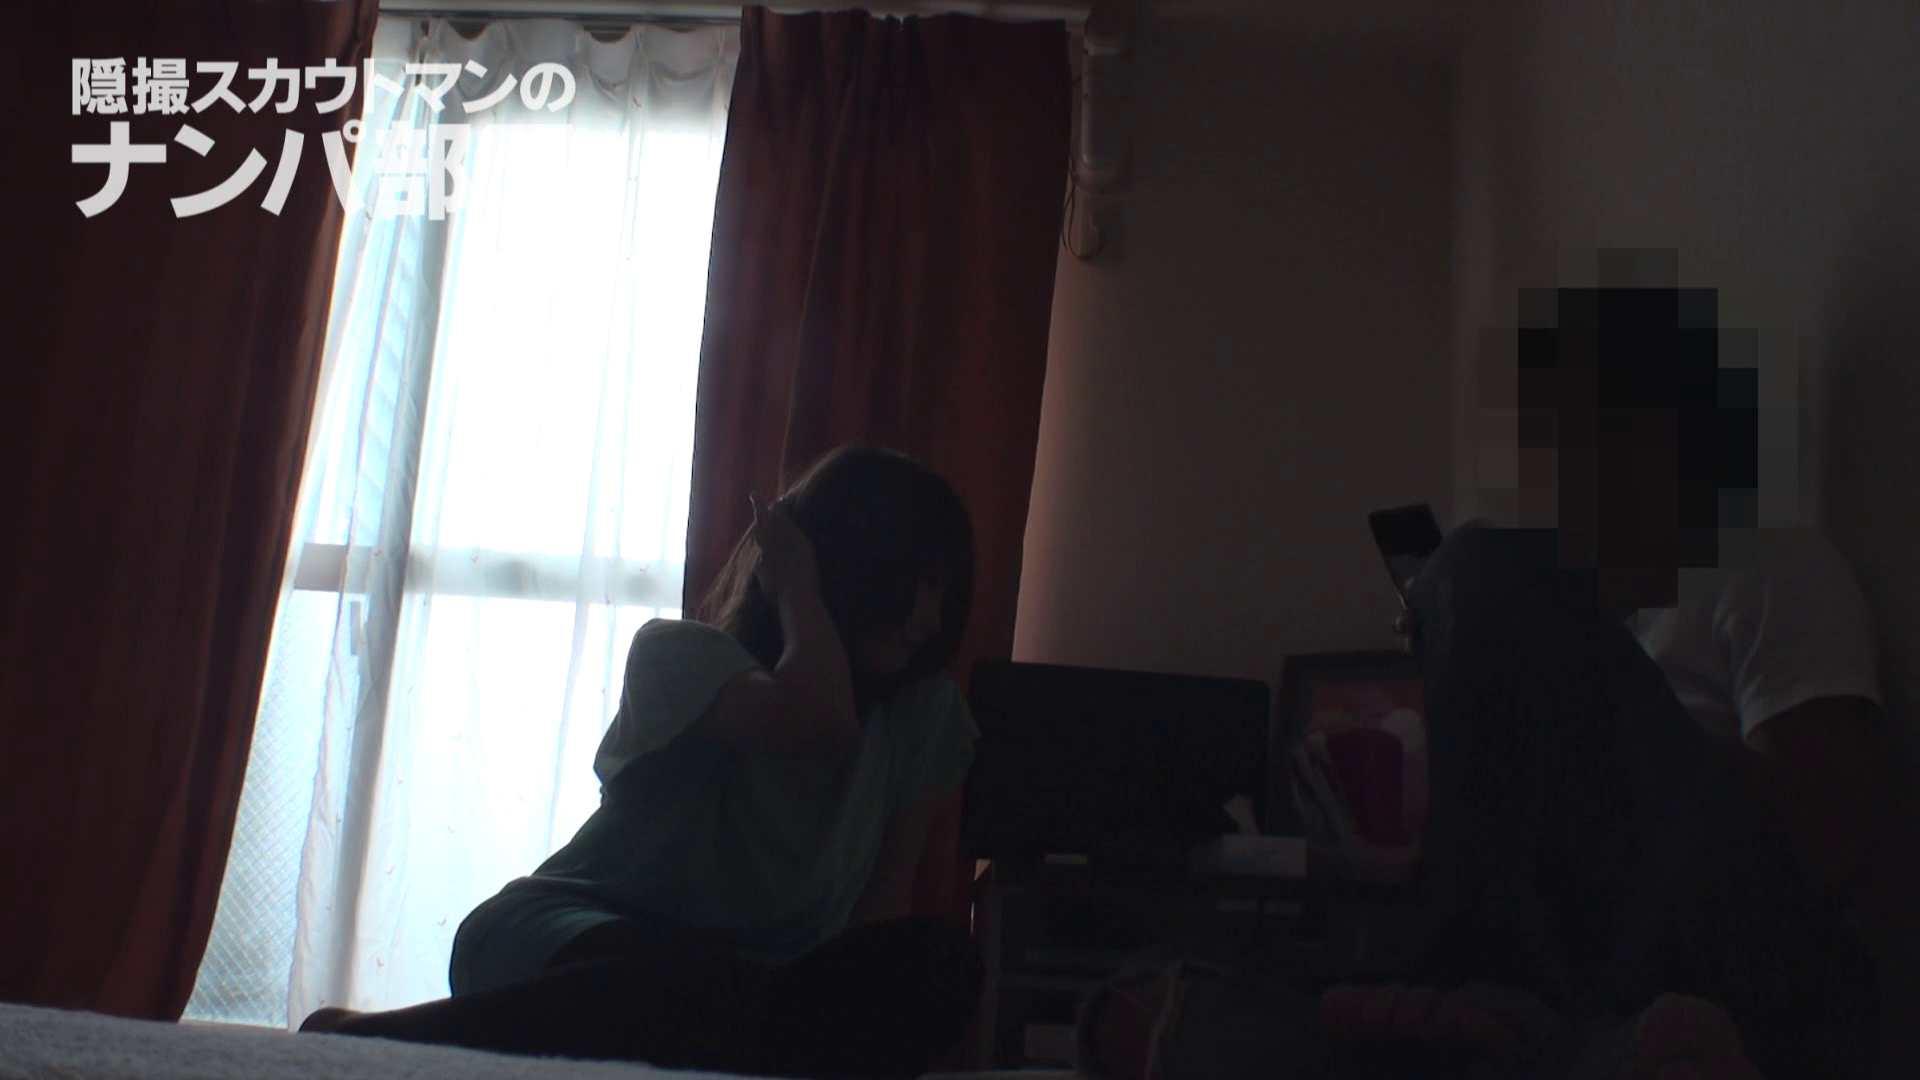 隠撮スカウトマンのナンパ部屋~風俗デビュー前のつまみ食い~ siivol.4 ナンパ ヌード画像 74pic 9